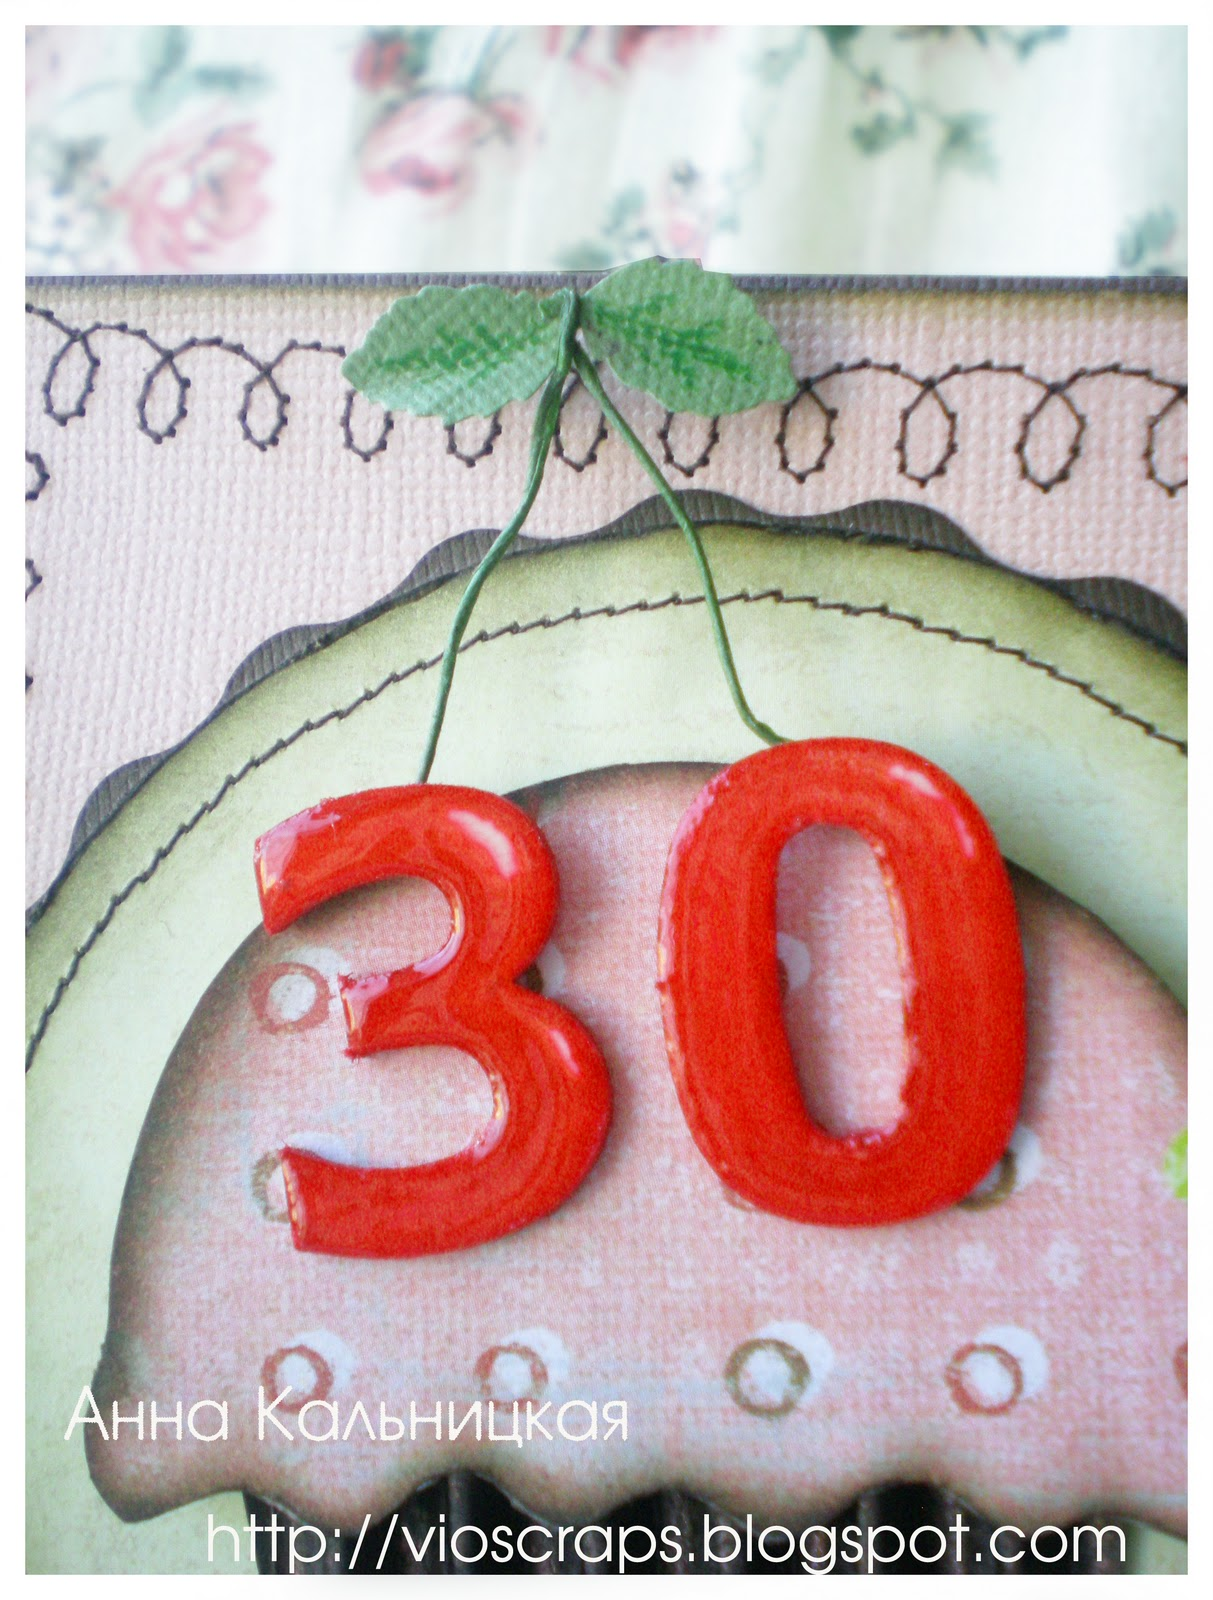 Шутливые поздравления с юбилеем 30 лет